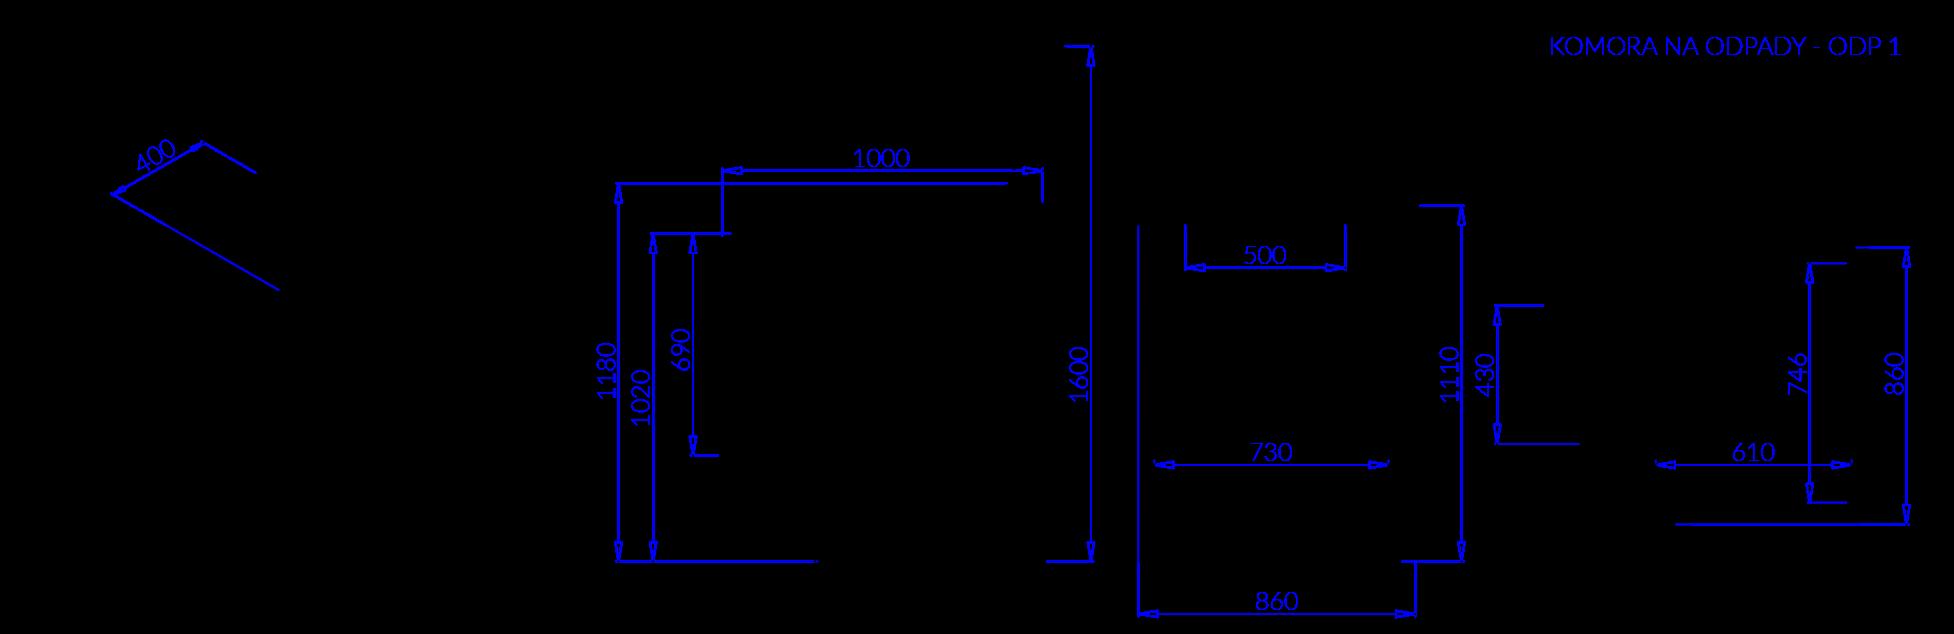 Технический чертеж KOMORA ODP 1